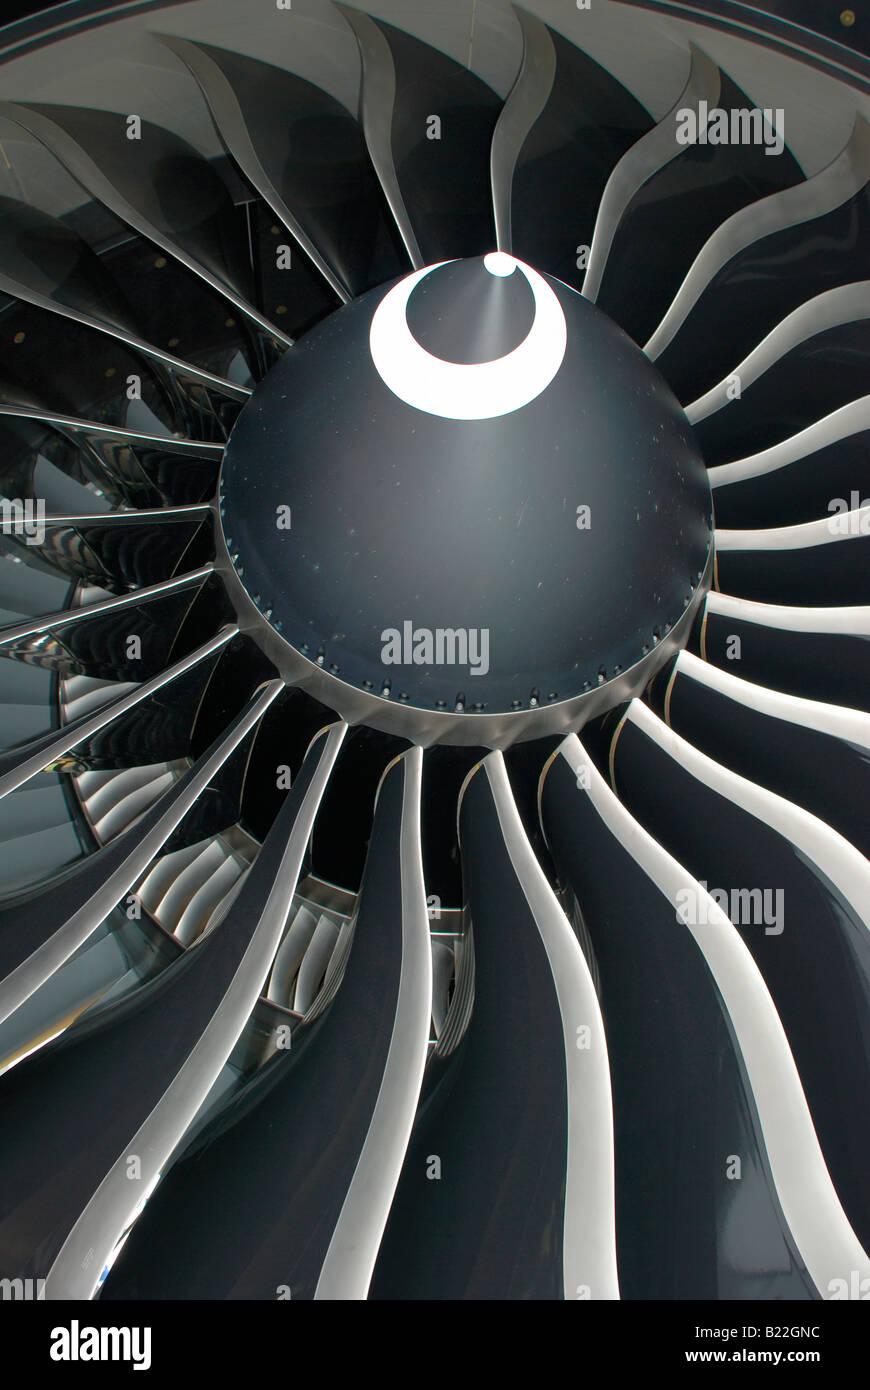 boeing 777 jet engine blades.largest turbofan engine in